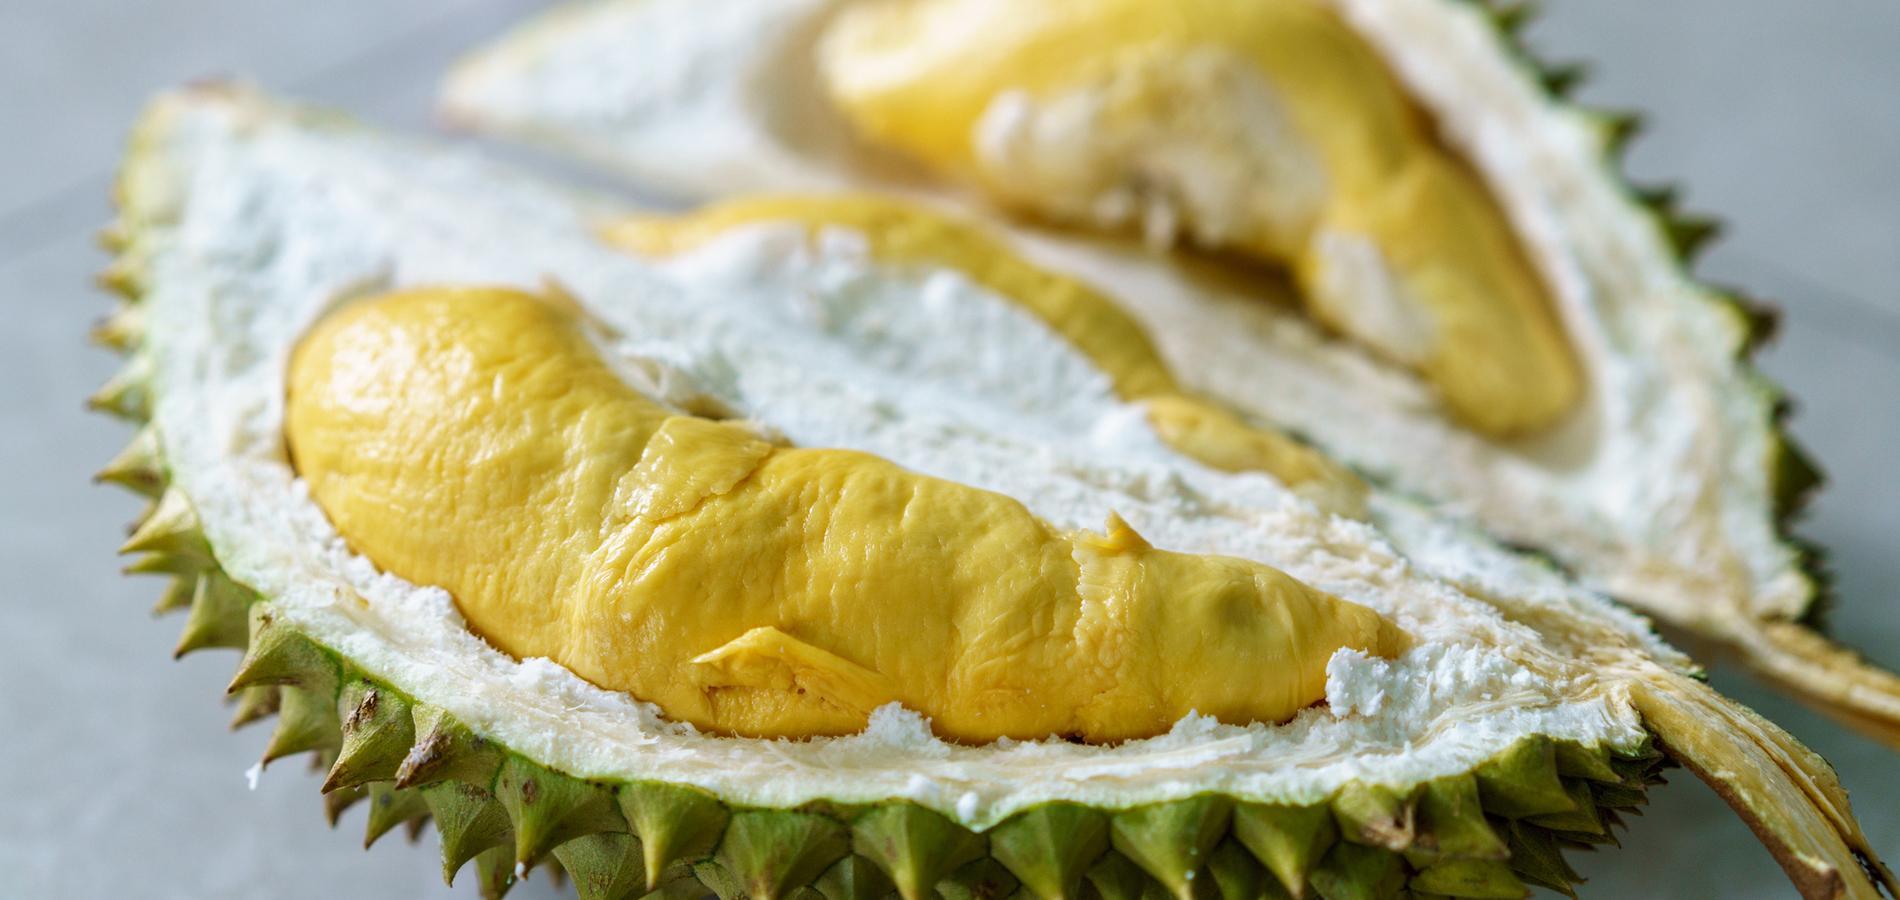 Le durian un fruit exotique malodorant et dangereux for Portent ses fruits